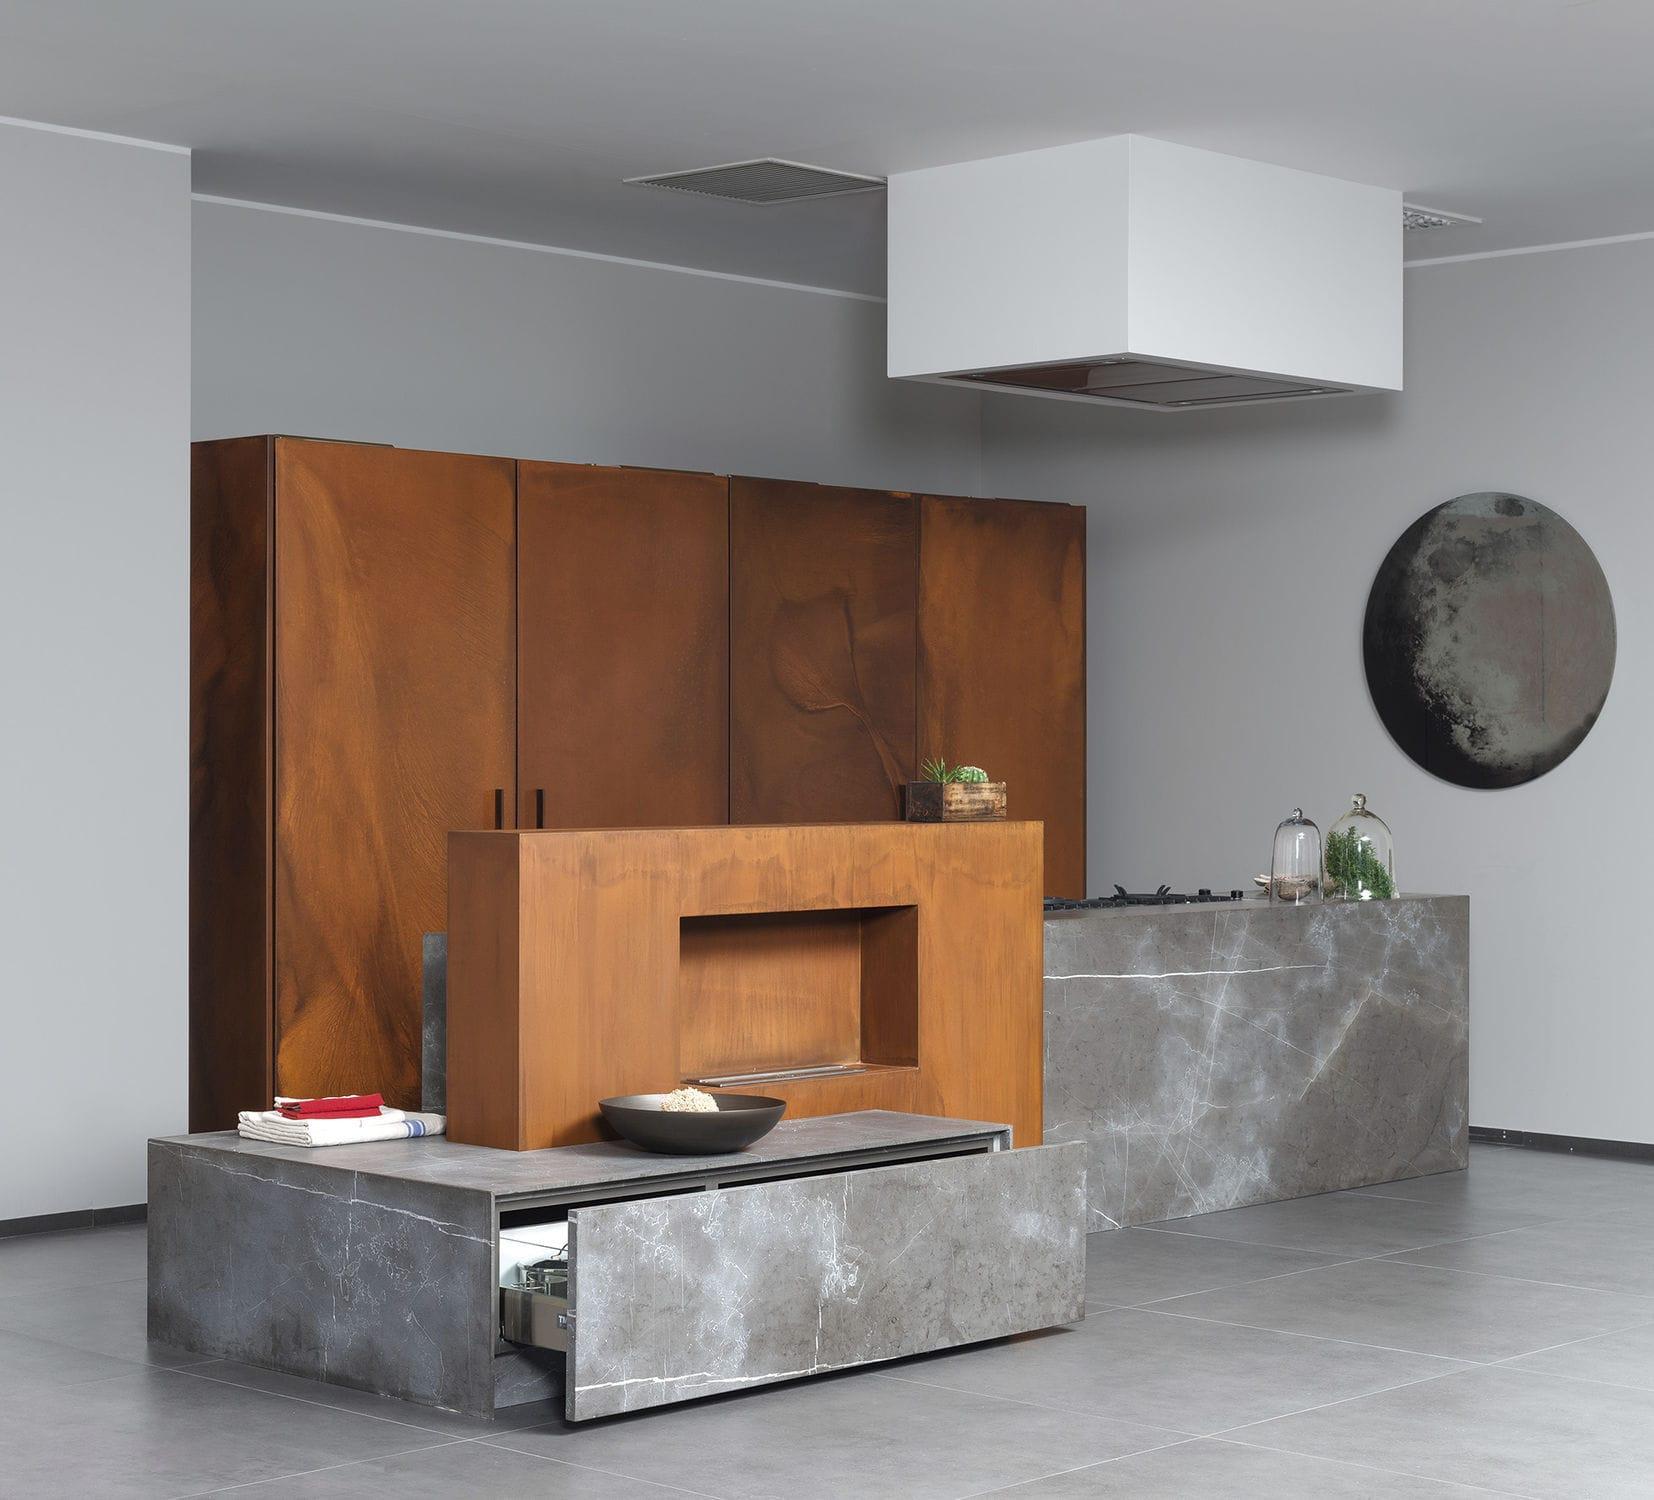 Wohnwand design stein  Stein-Küche / Metall / Kochinsel - 201112#11_D90_PIETRA DI CORINTO ...